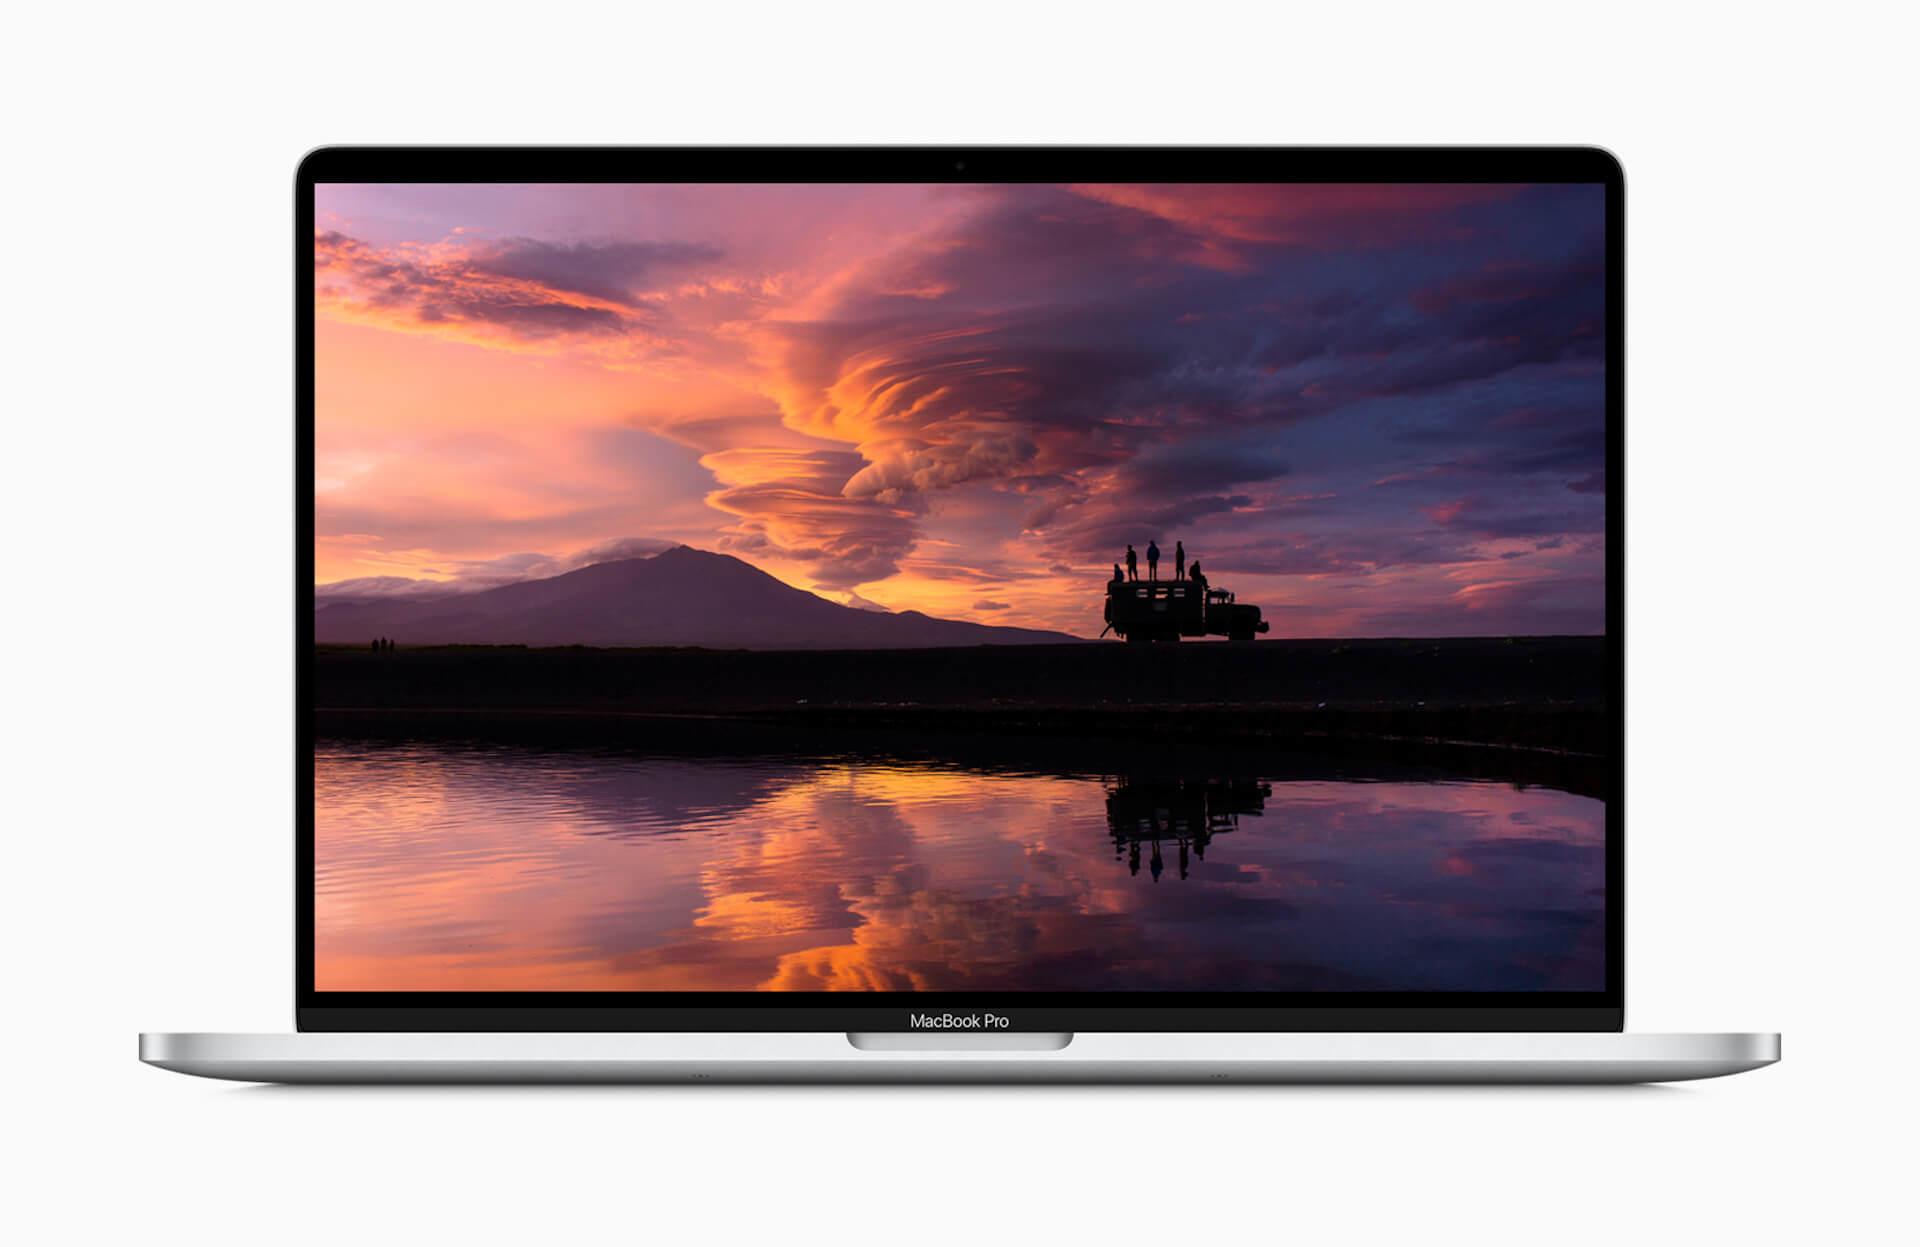 16インチMacBook ProにGPU最高峰のAMD Radeon Pro 5600Mのオプションが追加!HBM2メモリも搭載で高速化 tech200616_macbookpro_main